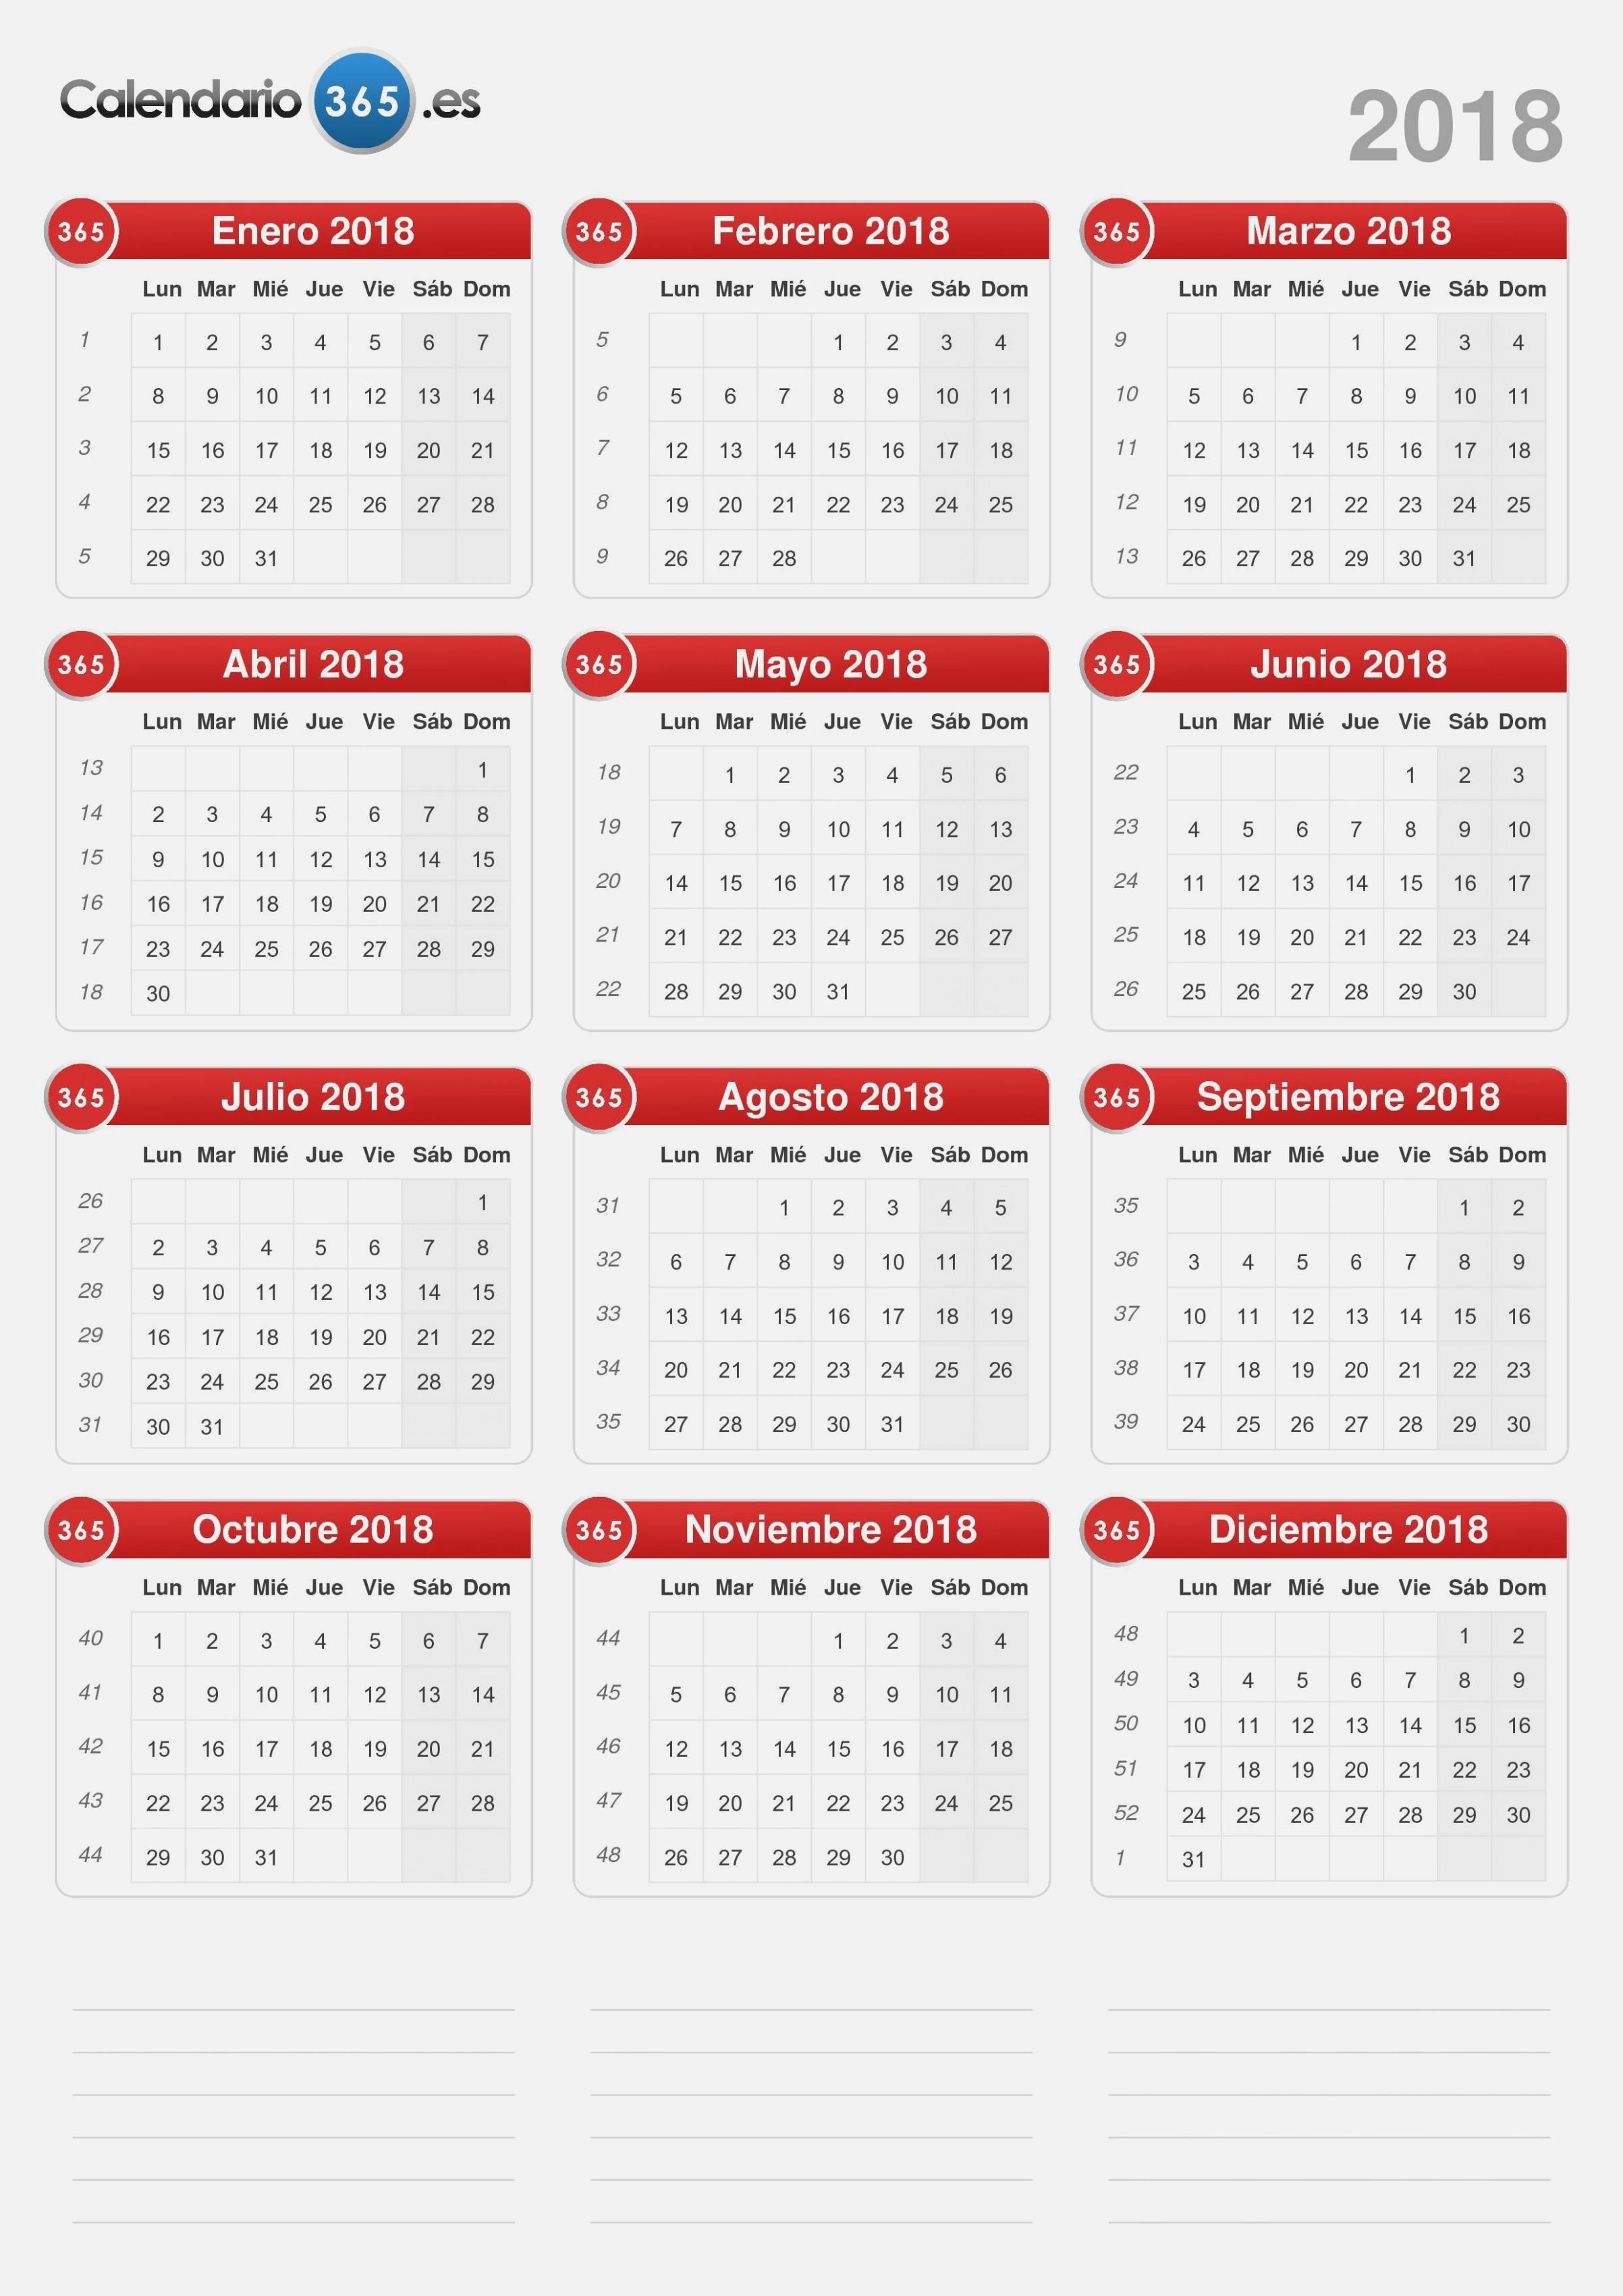 La Verdad Sobre El Calendario 52 Meses Vista Está A Punto De Ser